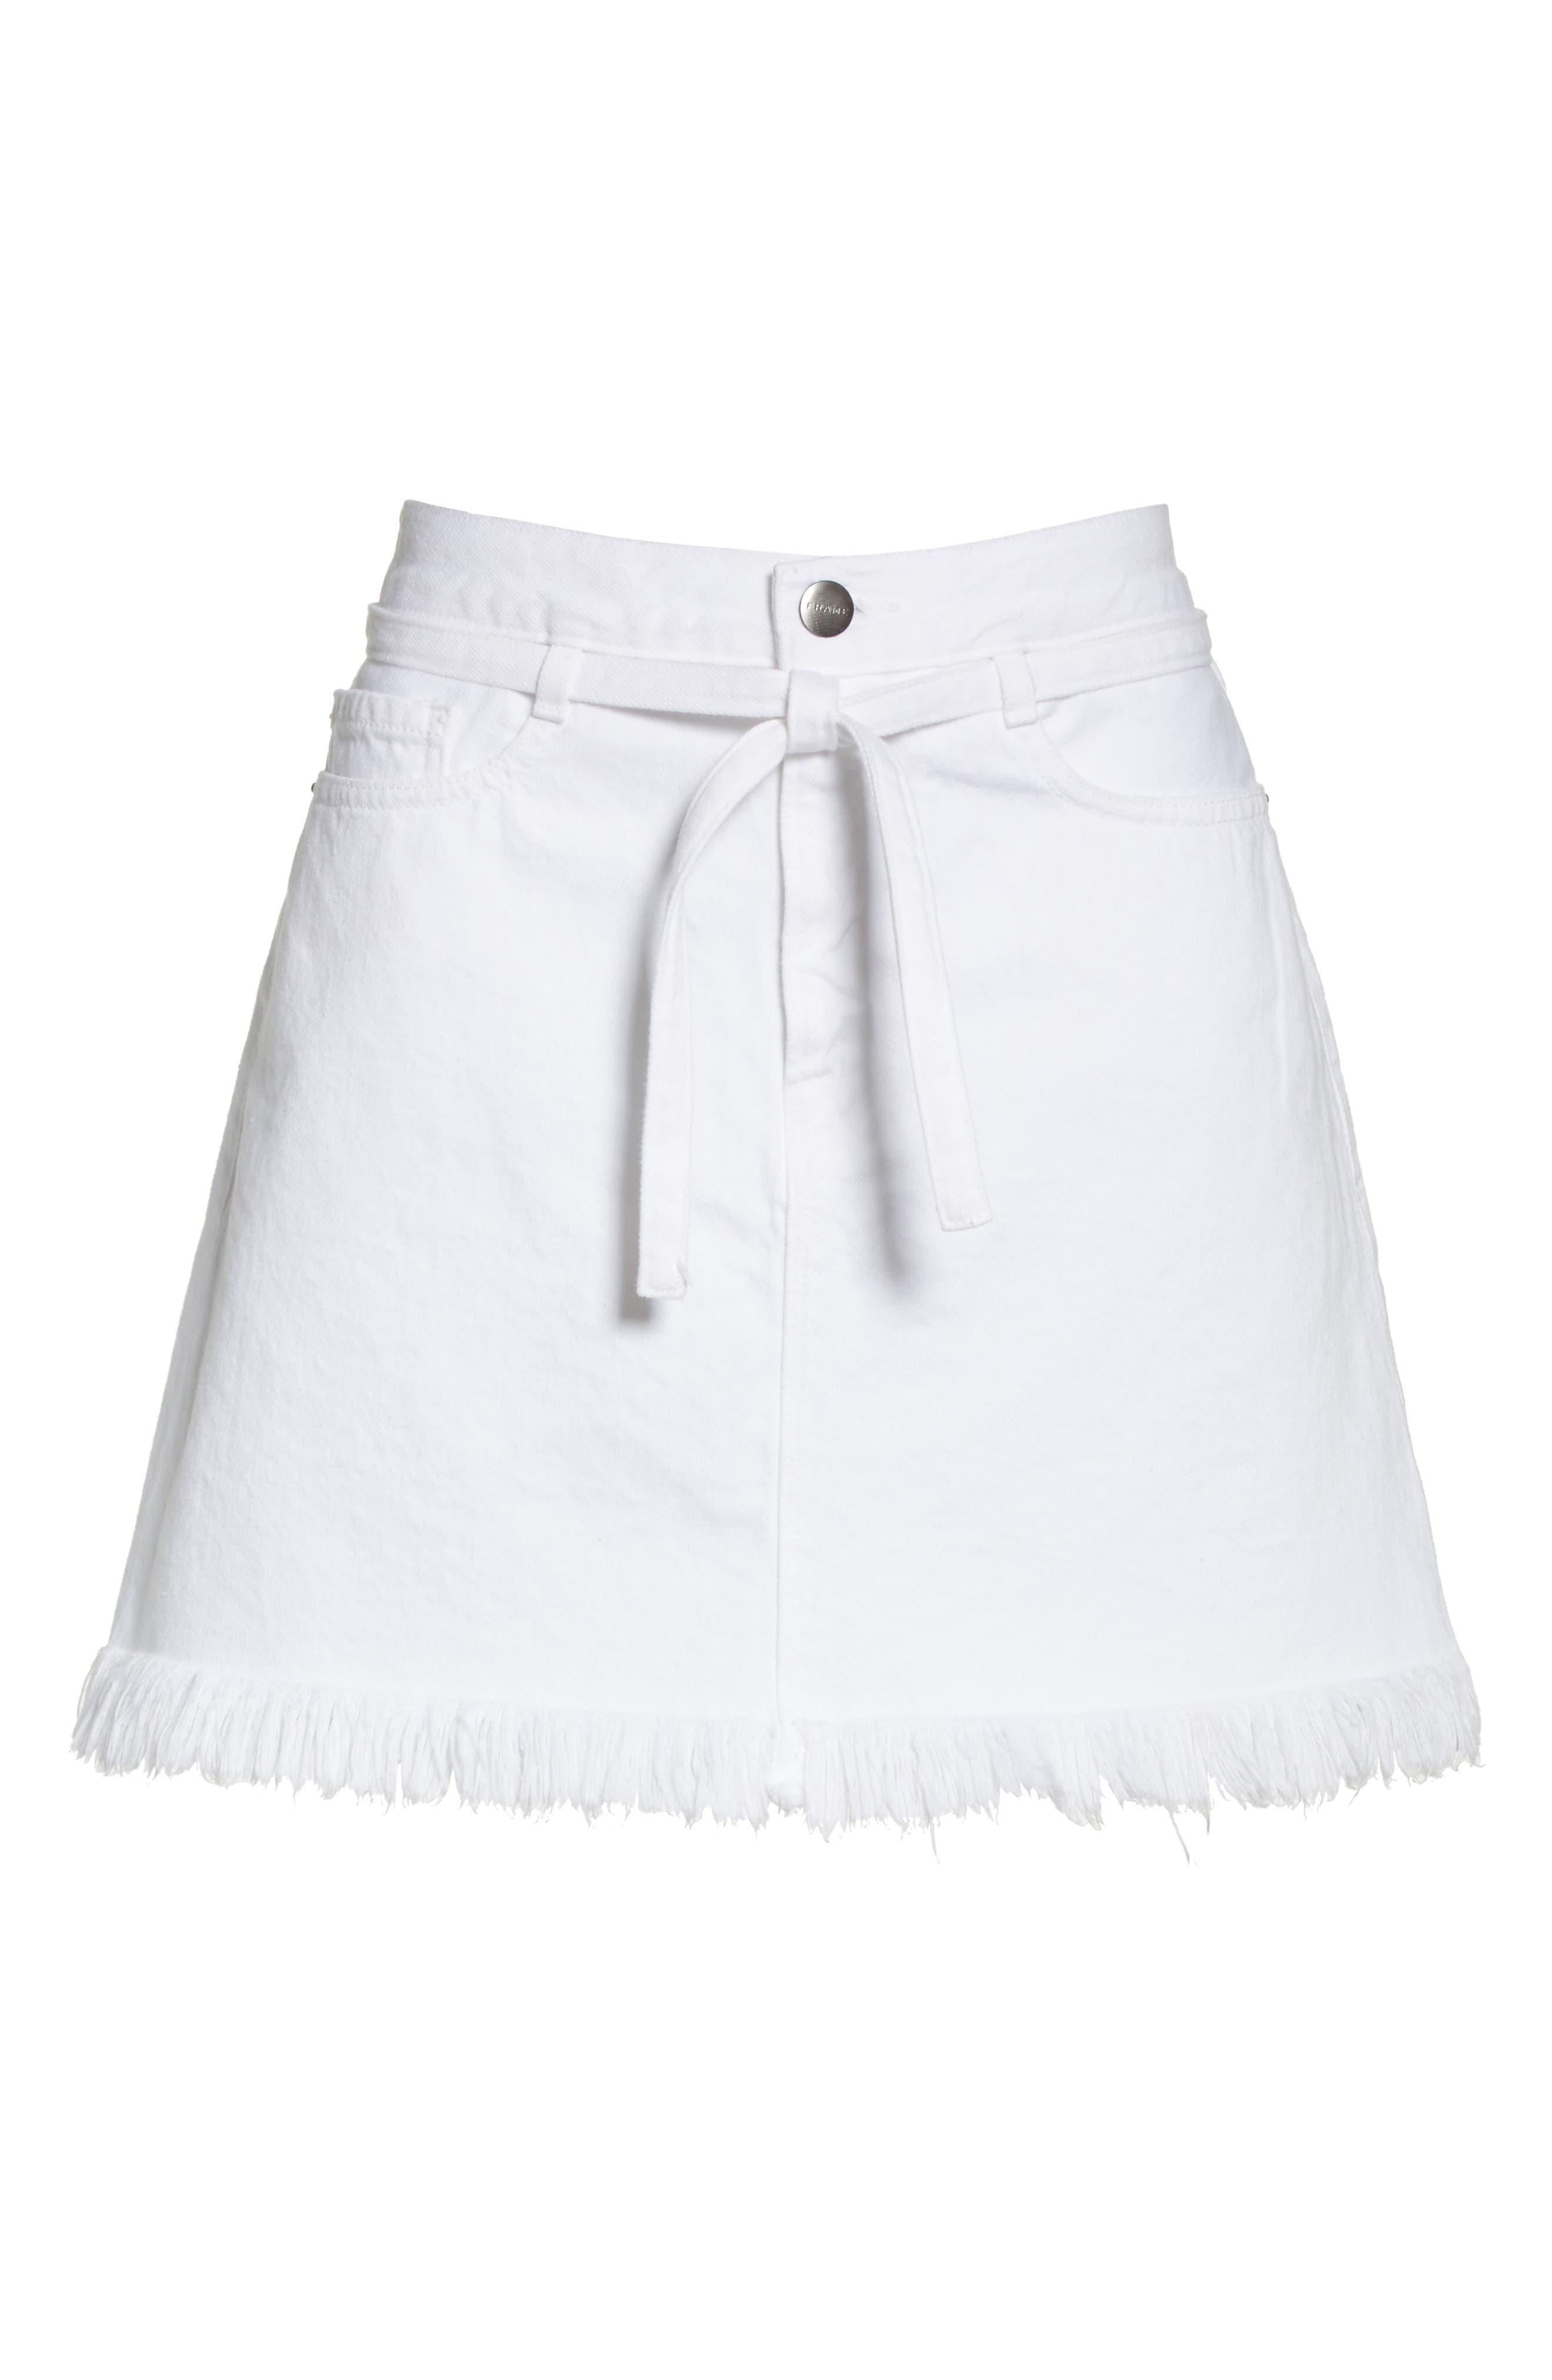 Le High Fray Hem Belted Denim Skirt,                             Alternate thumbnail 6, color,                             Blanc